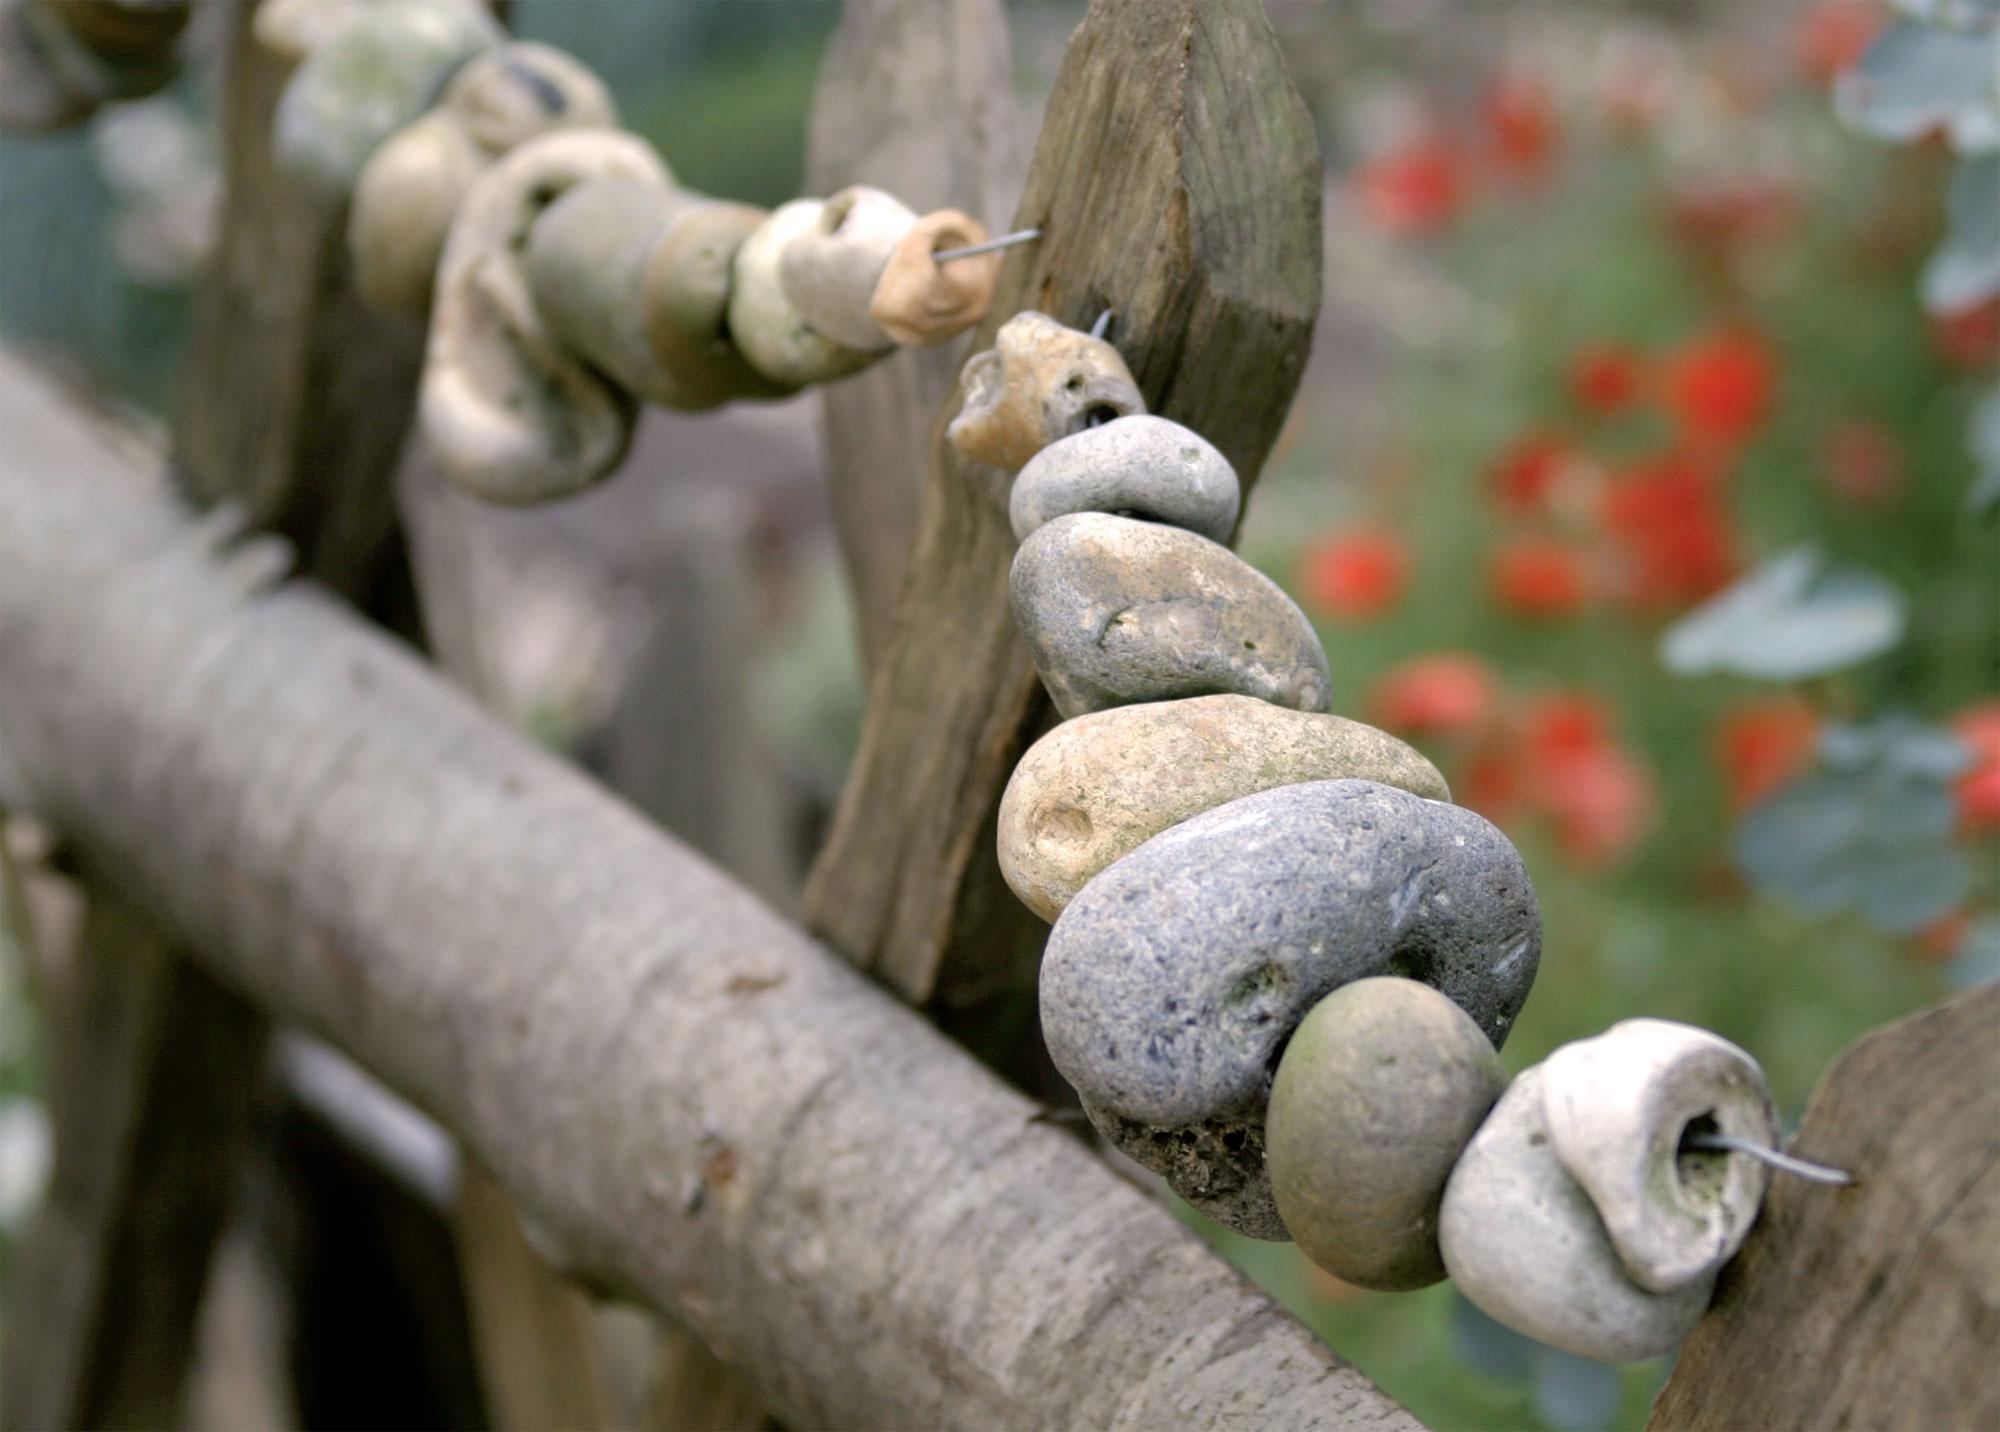 Tämä aita on somistettu rautalankaan pujotetuilla pienillä kivillä, joiden läpi on porattu reikä.